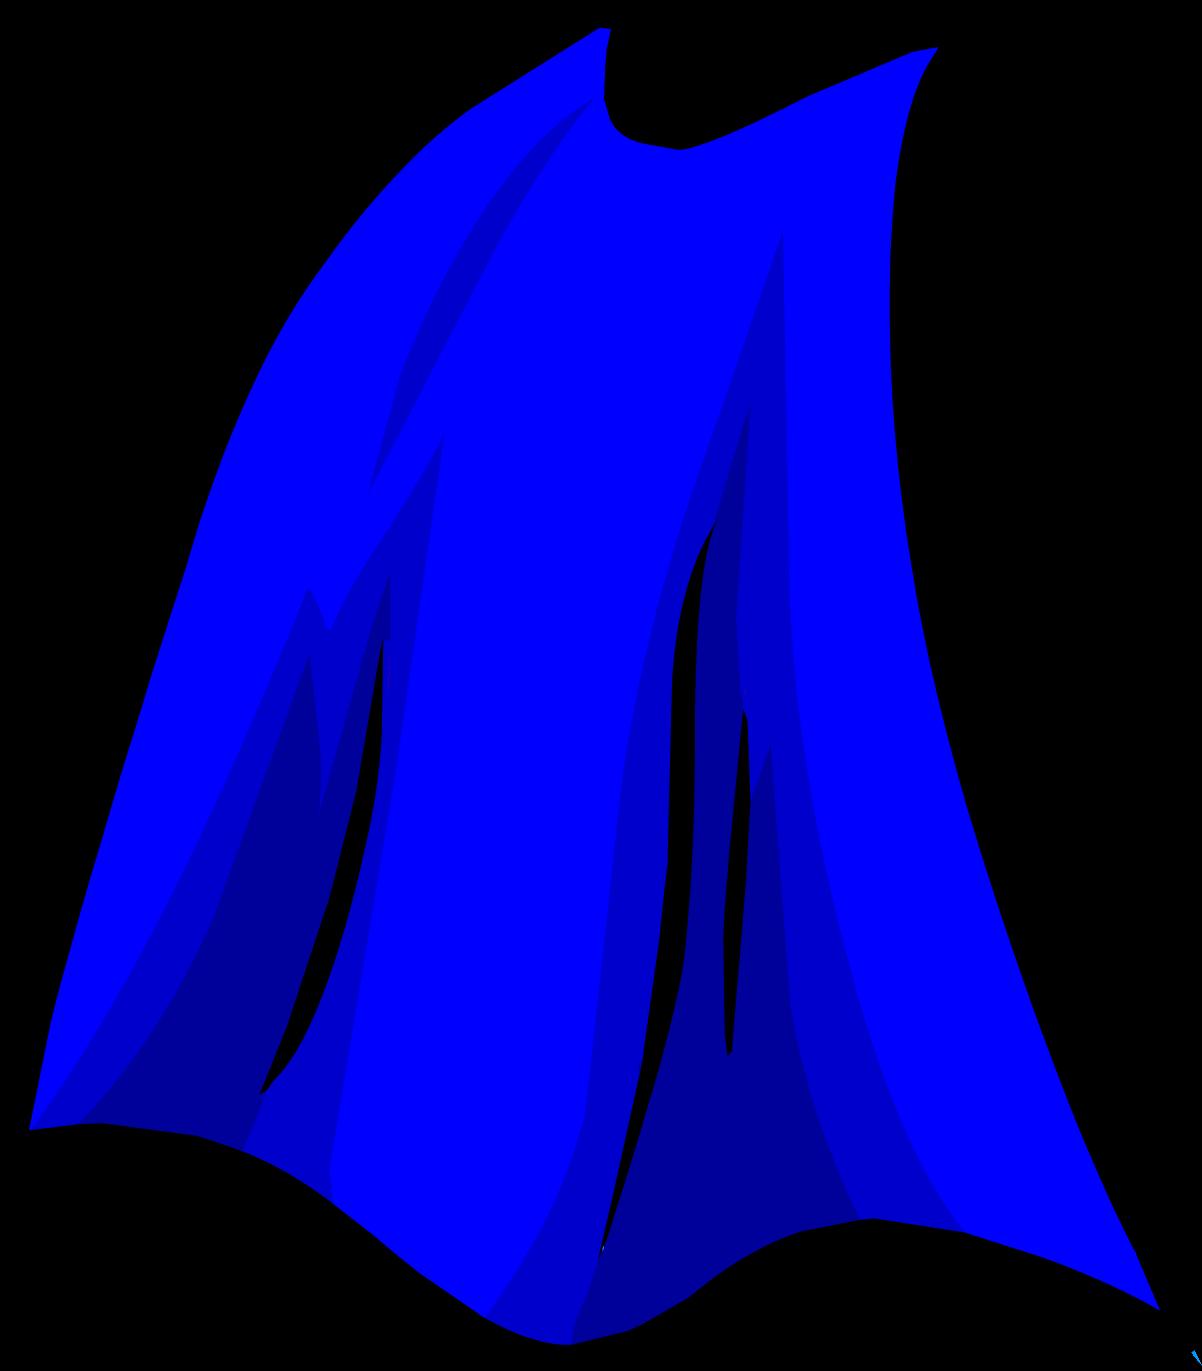 Superhero Capes PNG - 144455